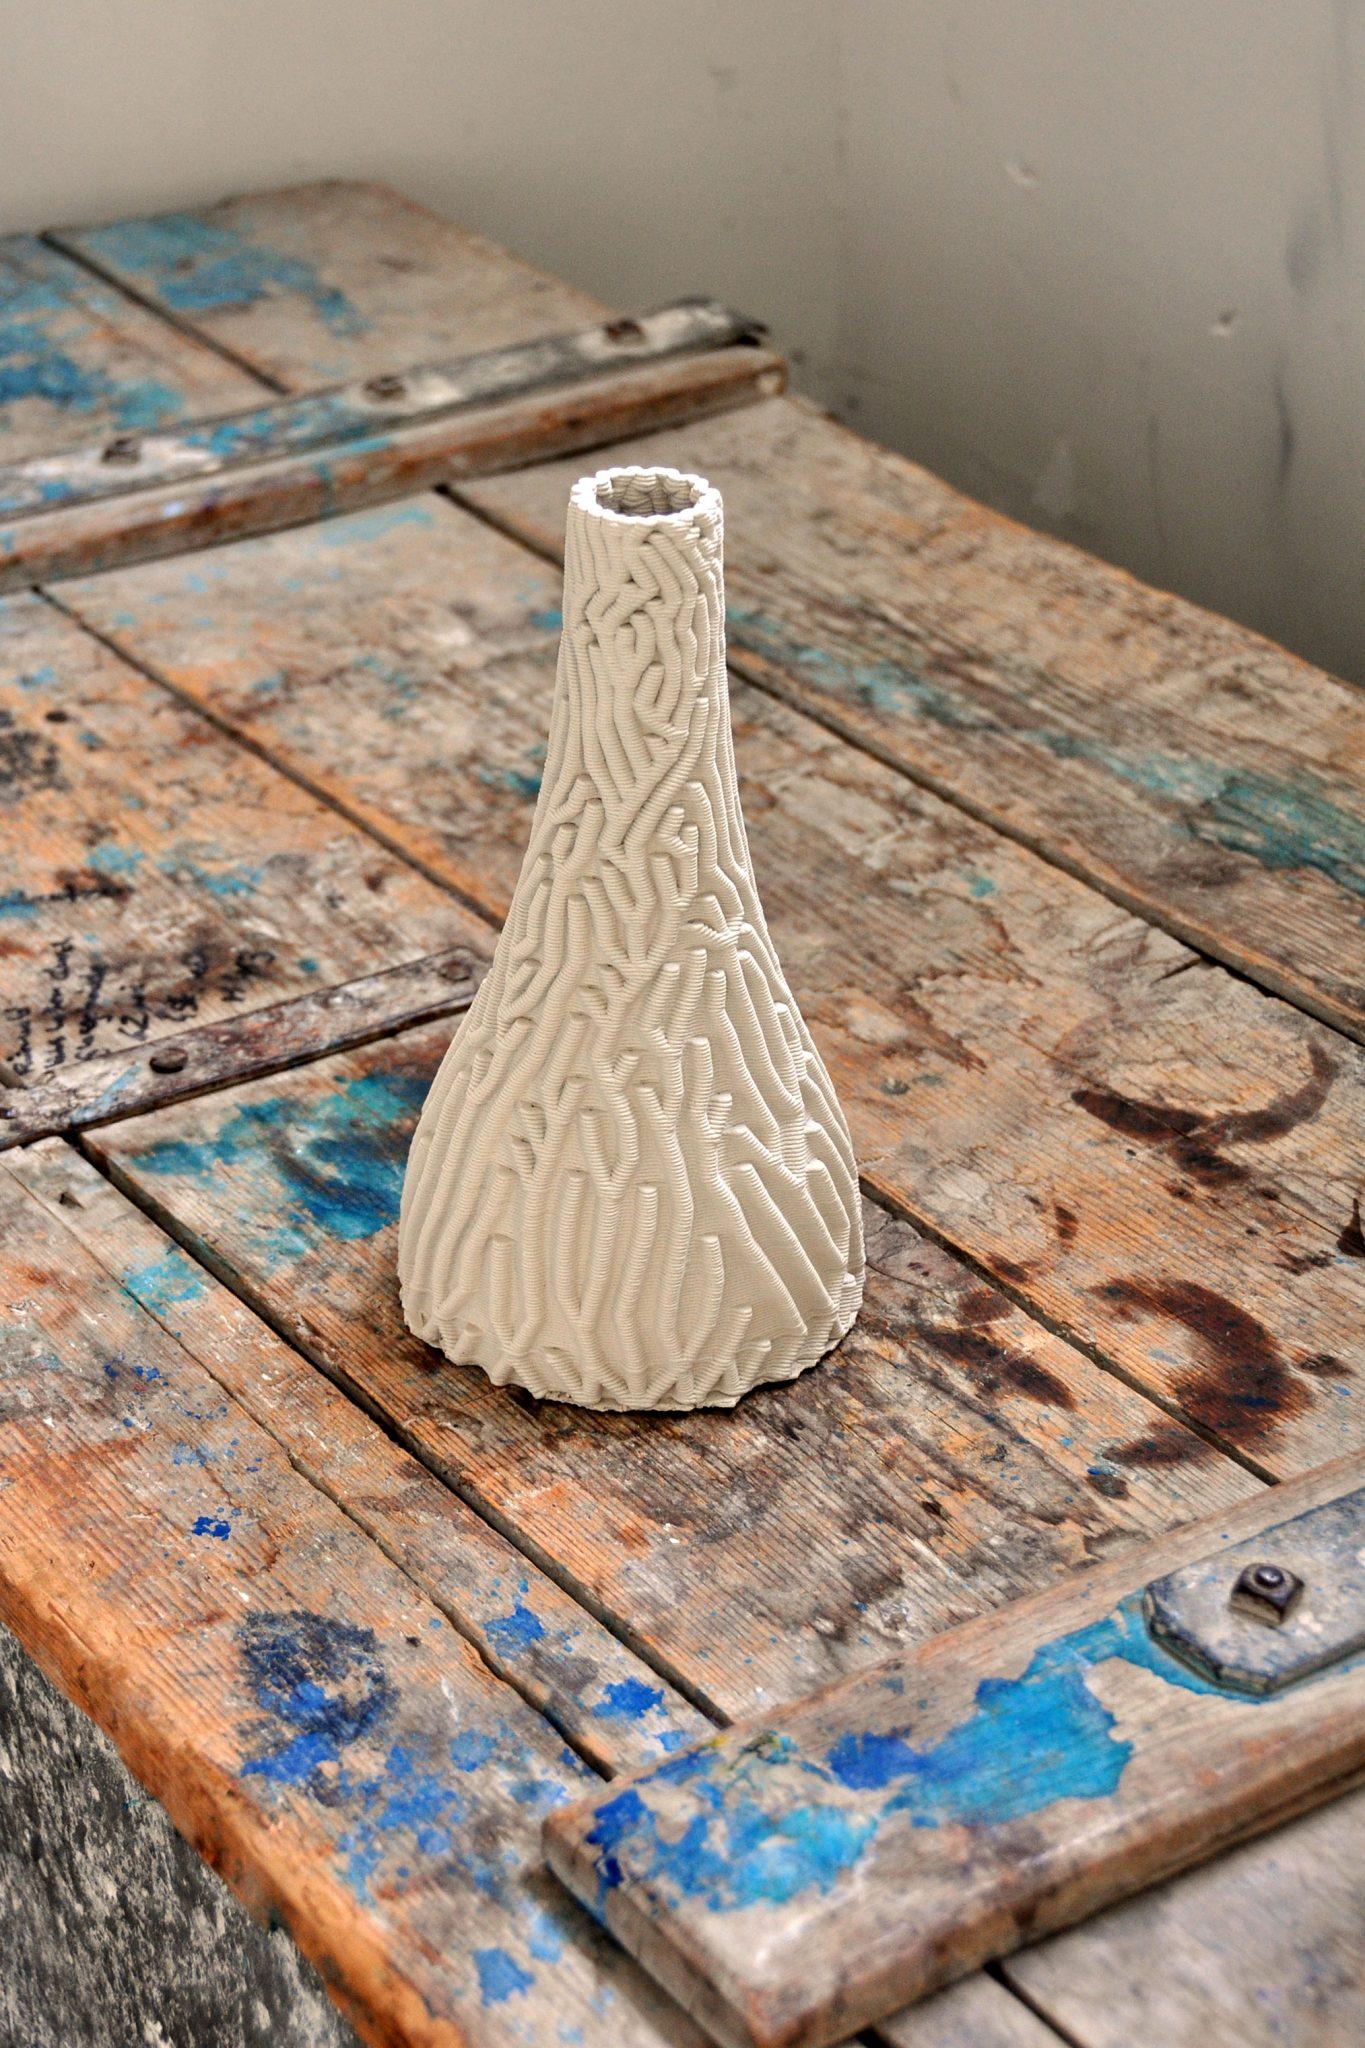 Ceramic vase 3D printed with StoneFlower3D technology. Photo via StoneFlower3D.